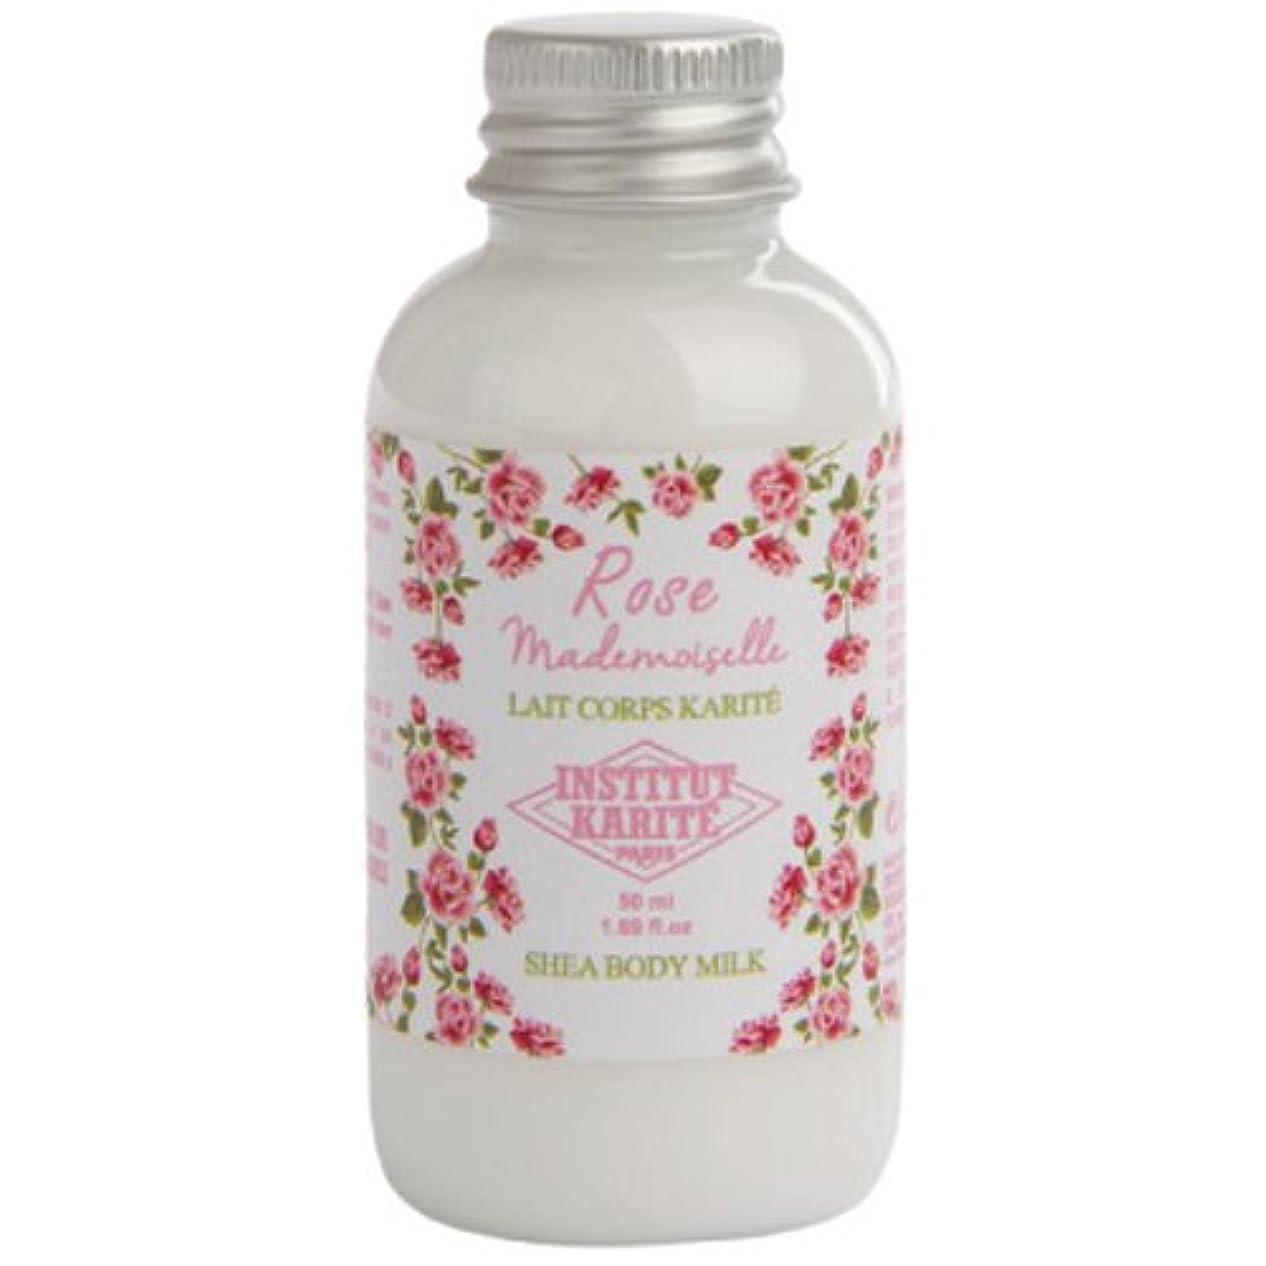 提案雑草ジョイントINSTITUT KARITE カリテ Rose Mademoiselle クラシックローズ Travel Shea Body Milk 50ml